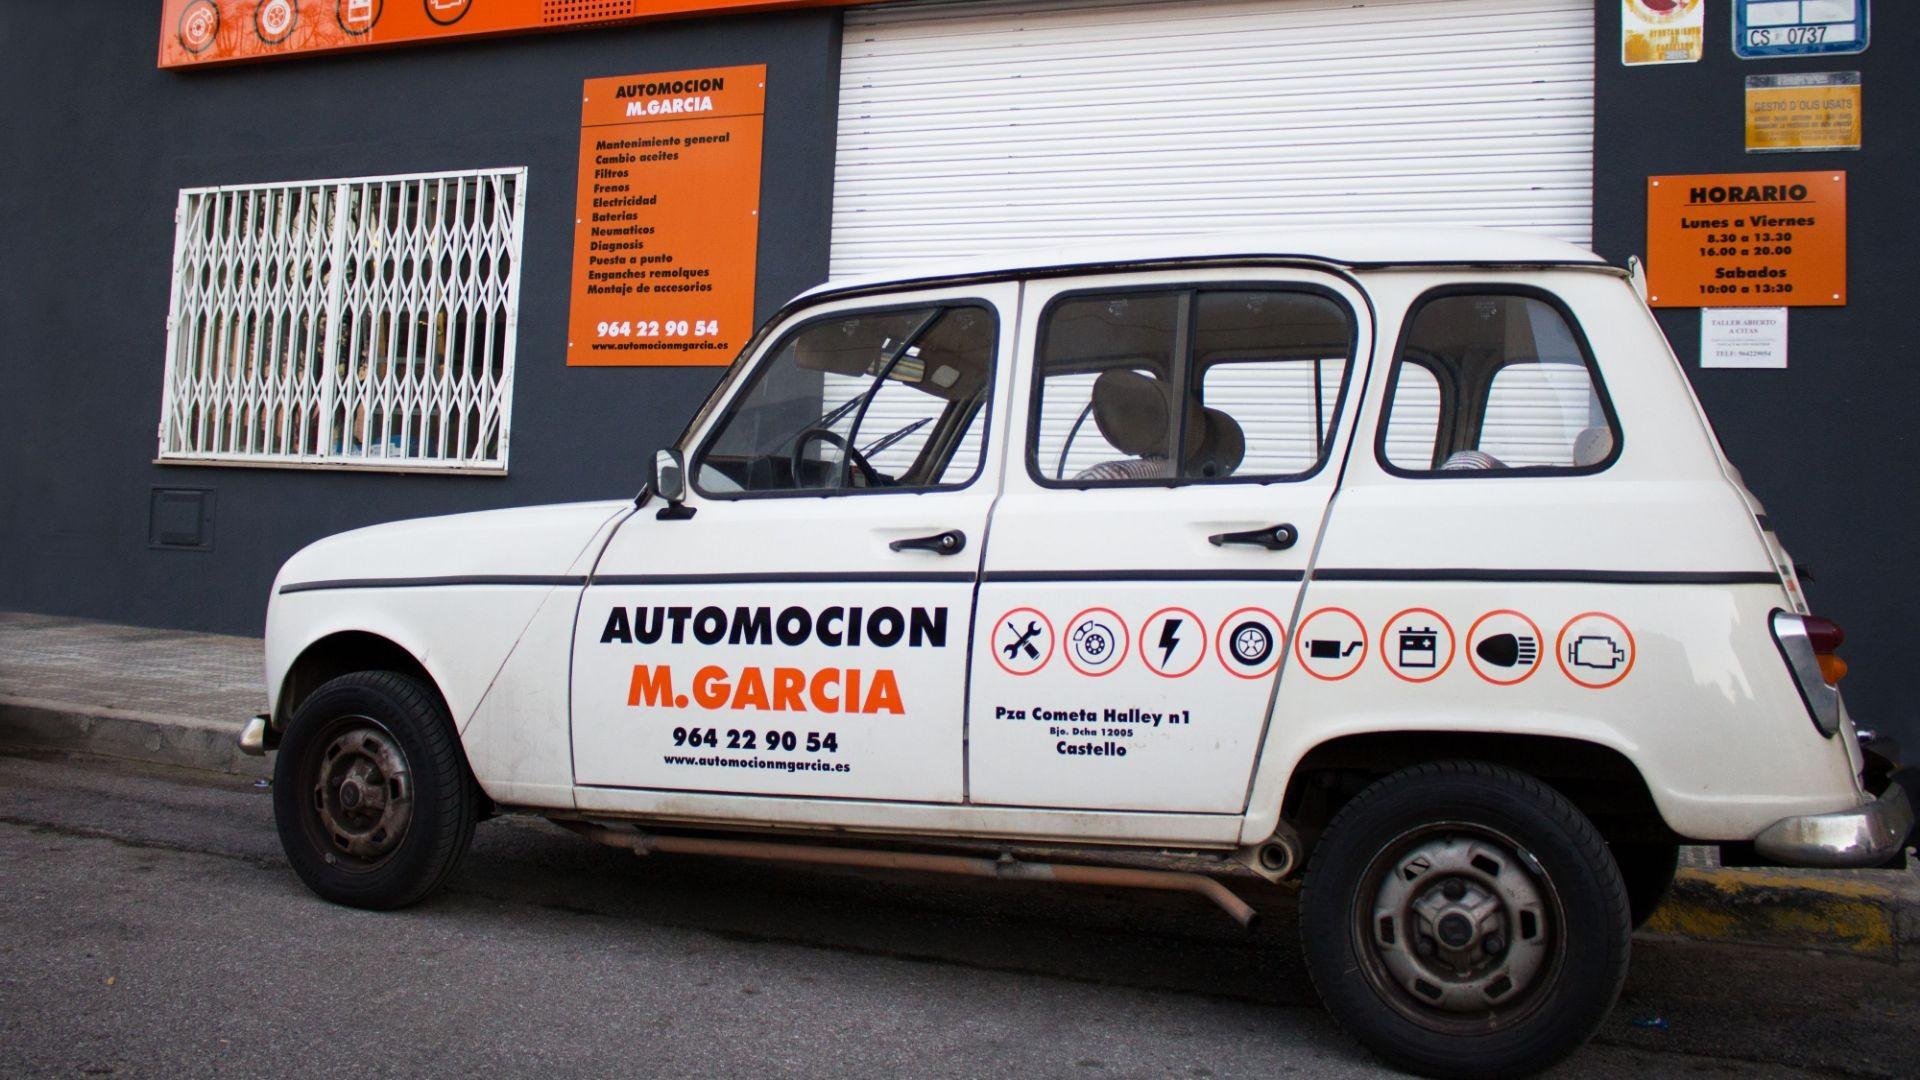 Automoción M. García